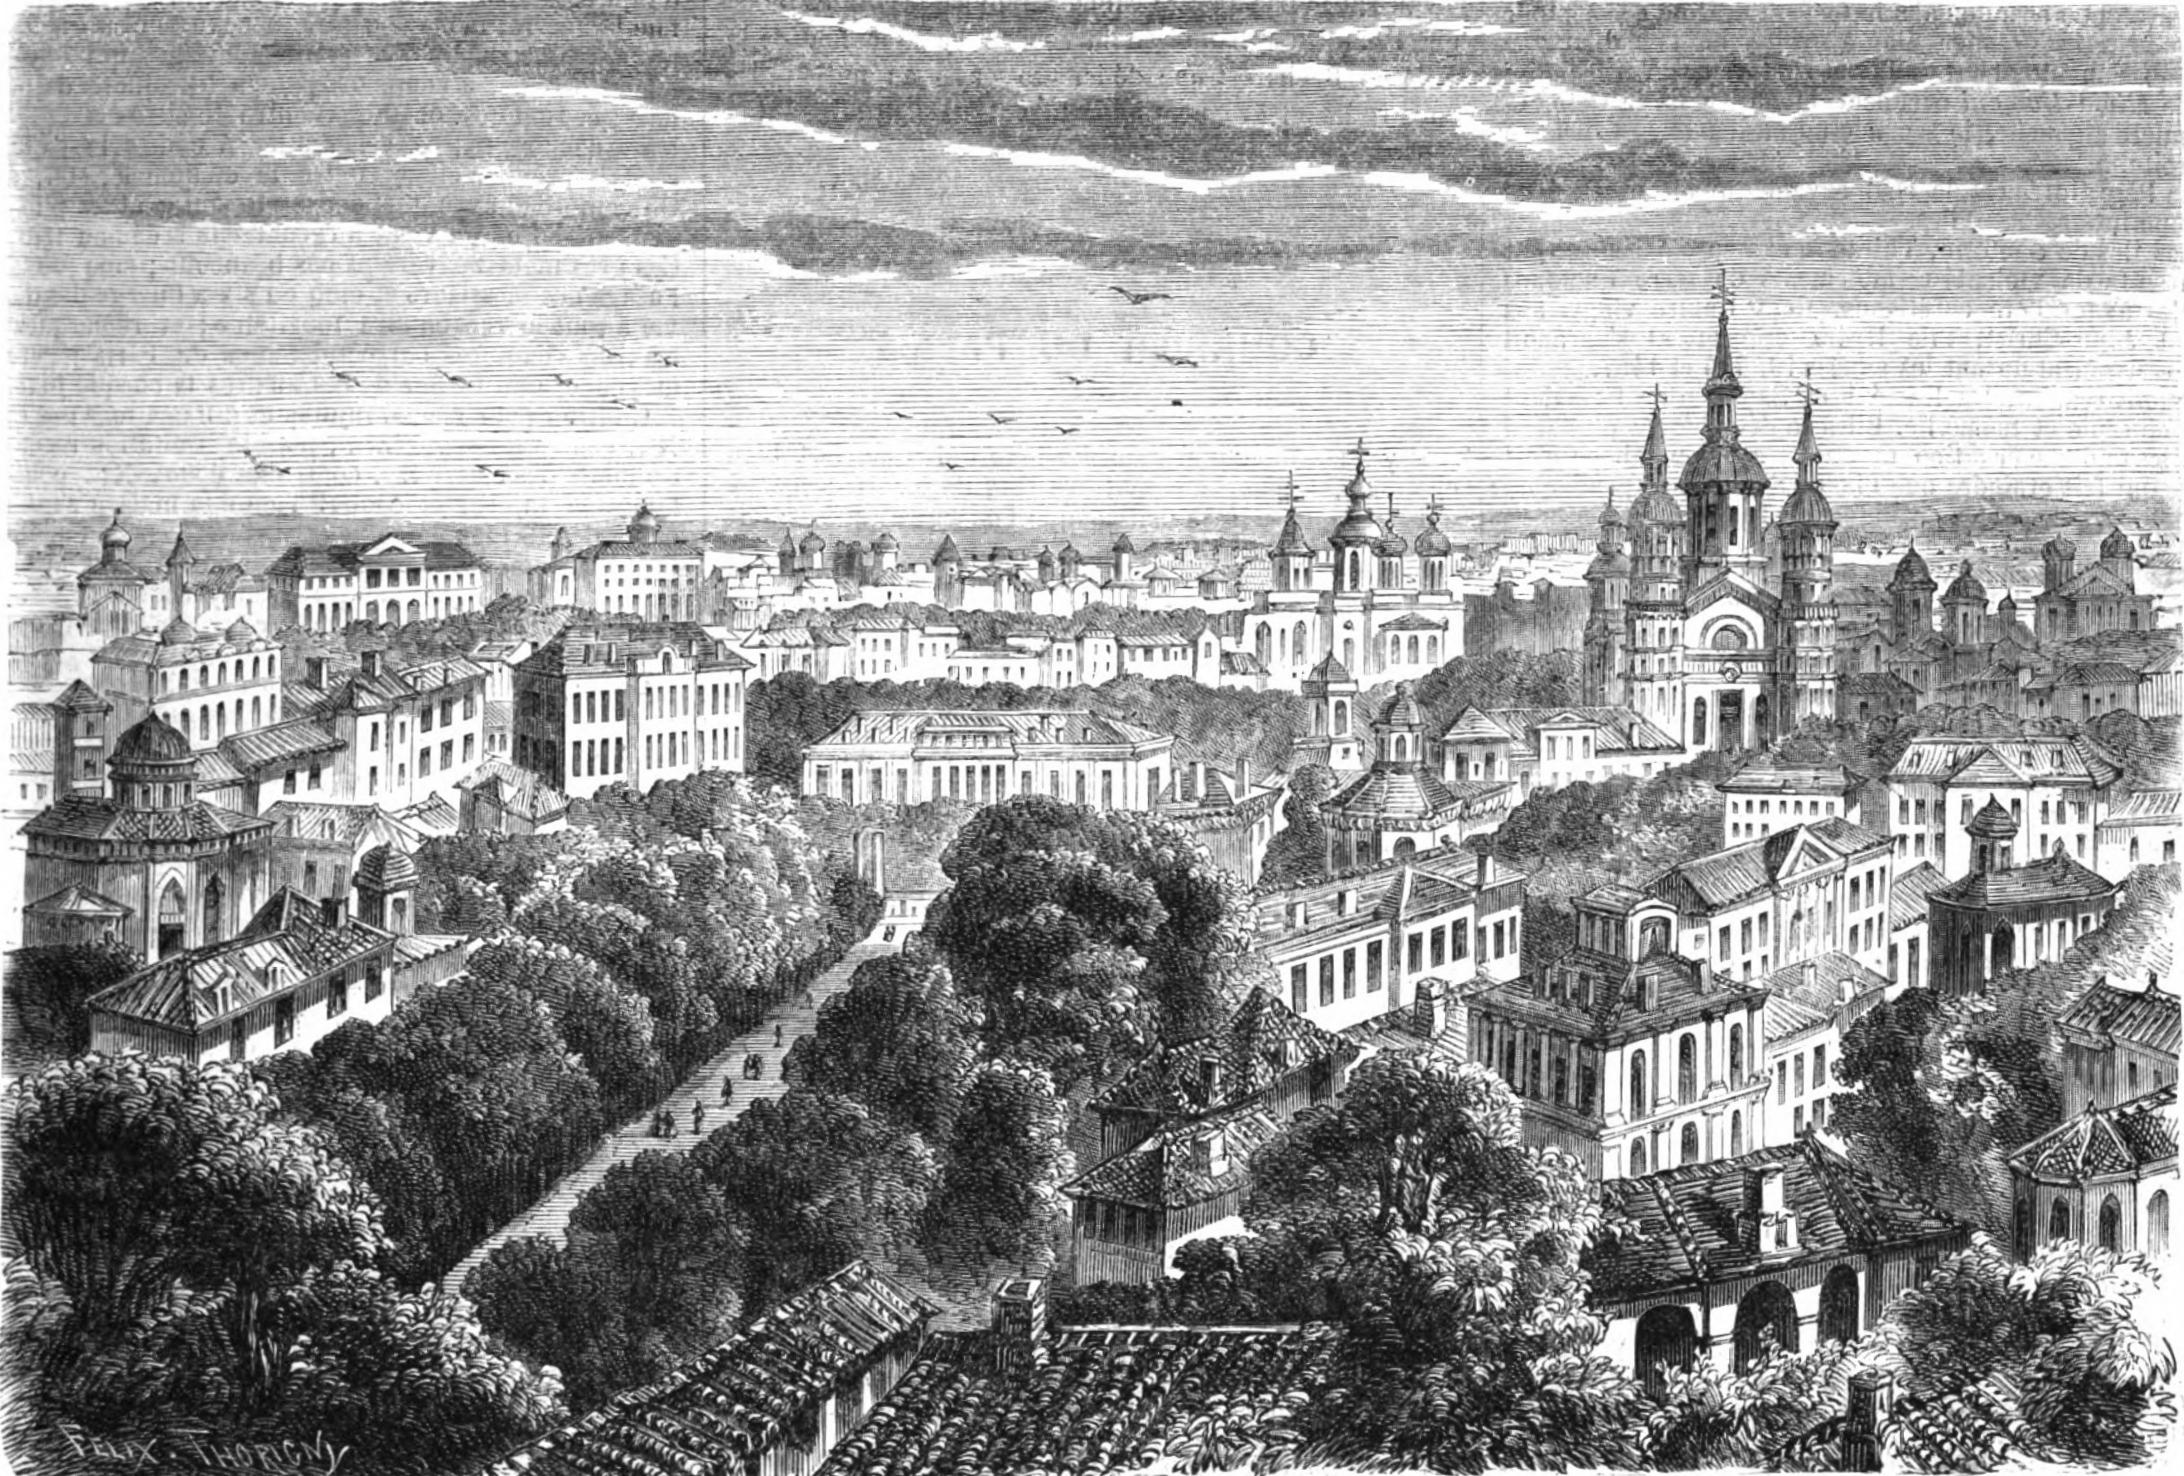 File:Dealul Mitropoliei, 1859, Le Monde Illustre.jpg